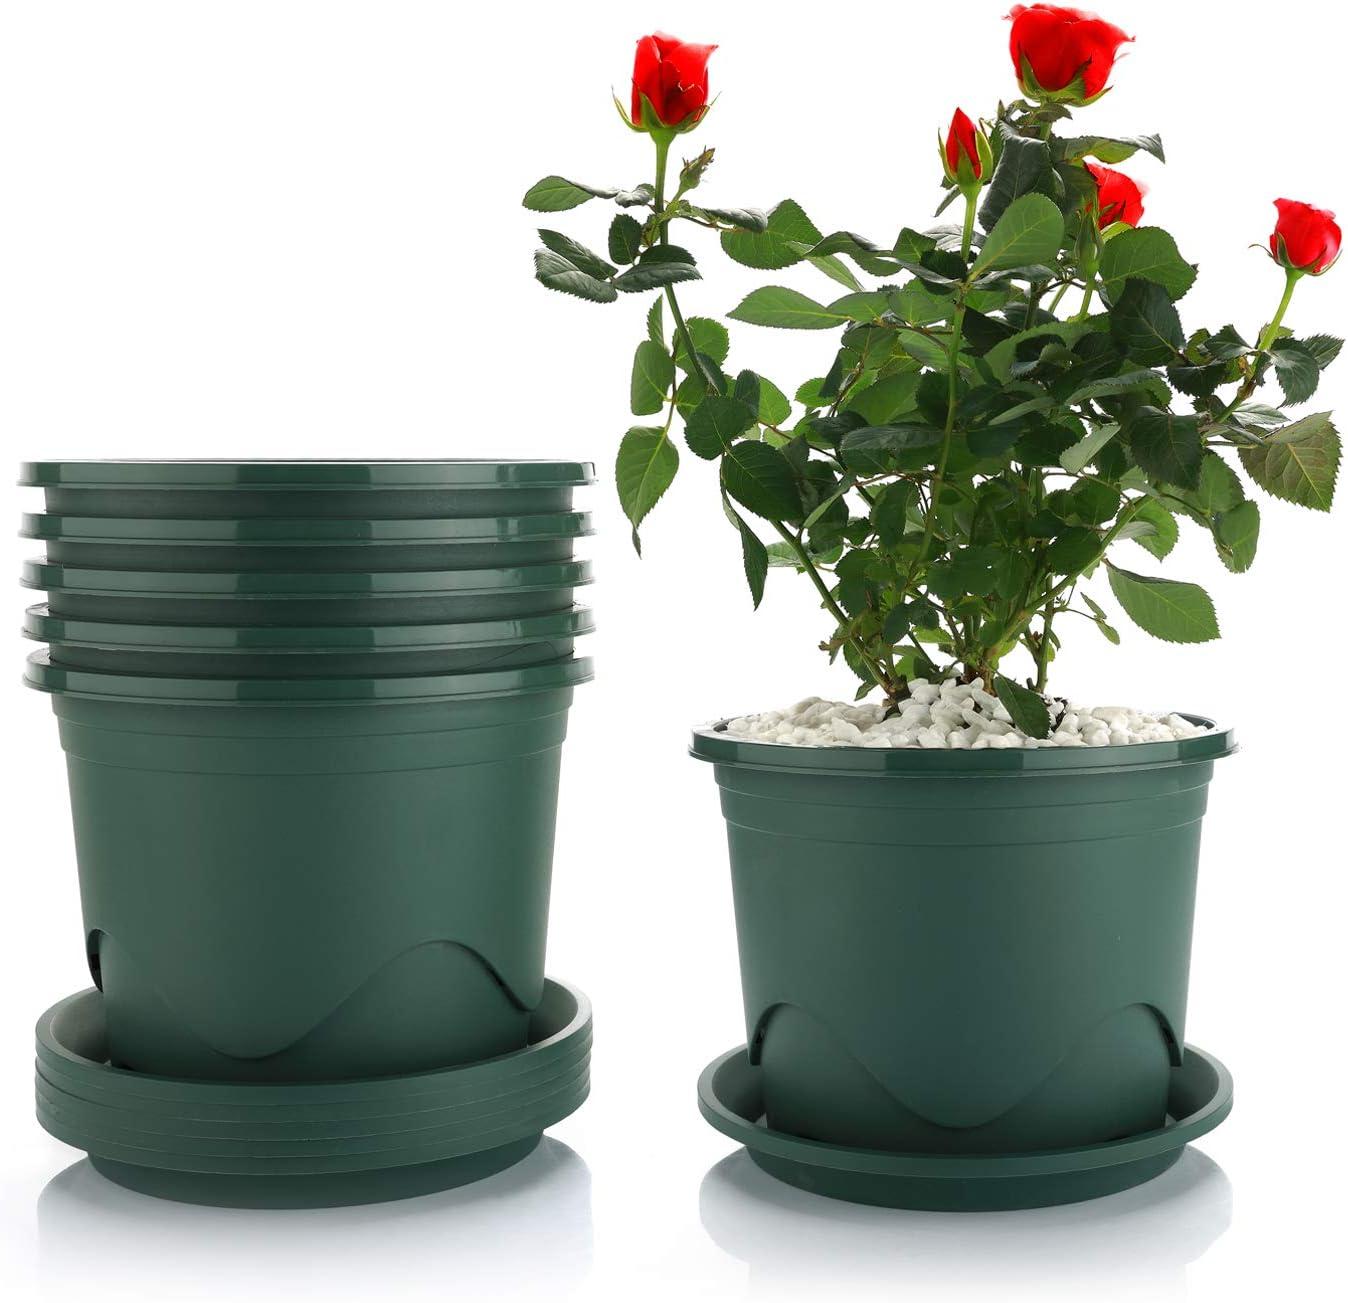 T4U 22CM Maceta de Plástico con Platillo Juego de 6, Maceta de Vivero de Control de Raíces Maceta de Jardín Decorativo Contenedor de Flores Verde para Plantas de Bonsai de Interior